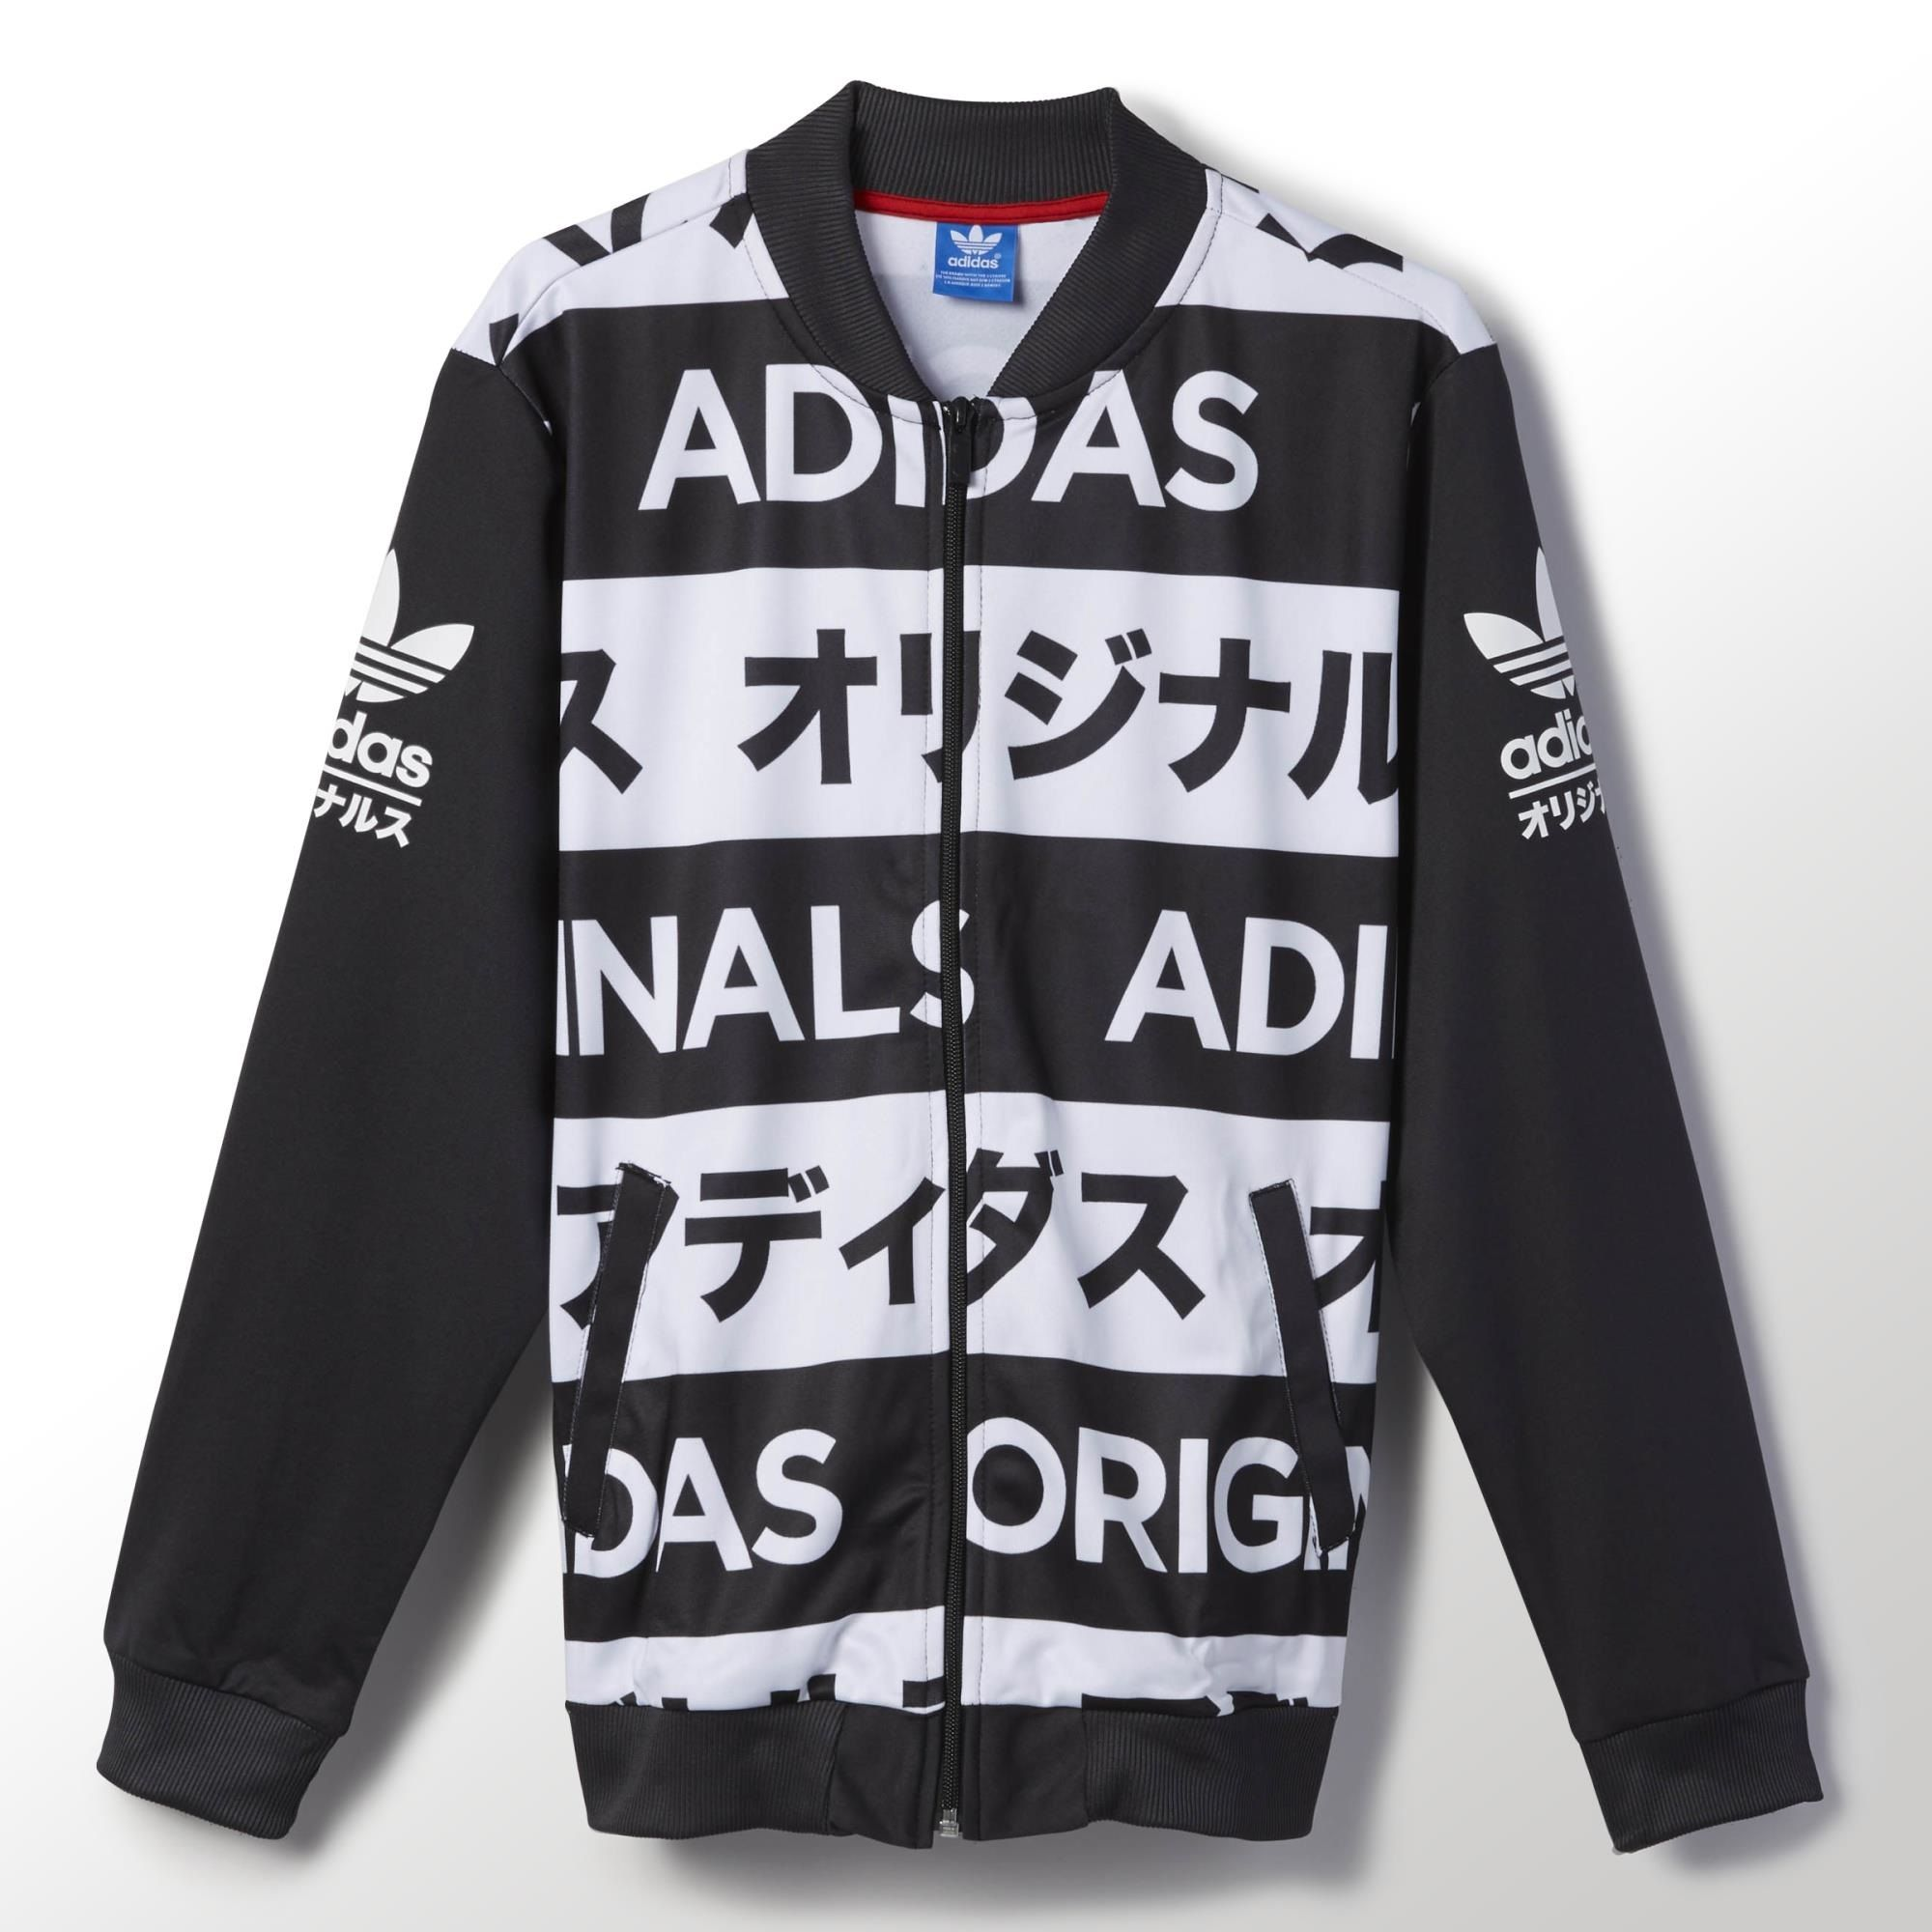 Adidas Typo Track Jacket Adidas Us Moda Roupas Moda Masculina [ 2000 x 2000 Pixel ]